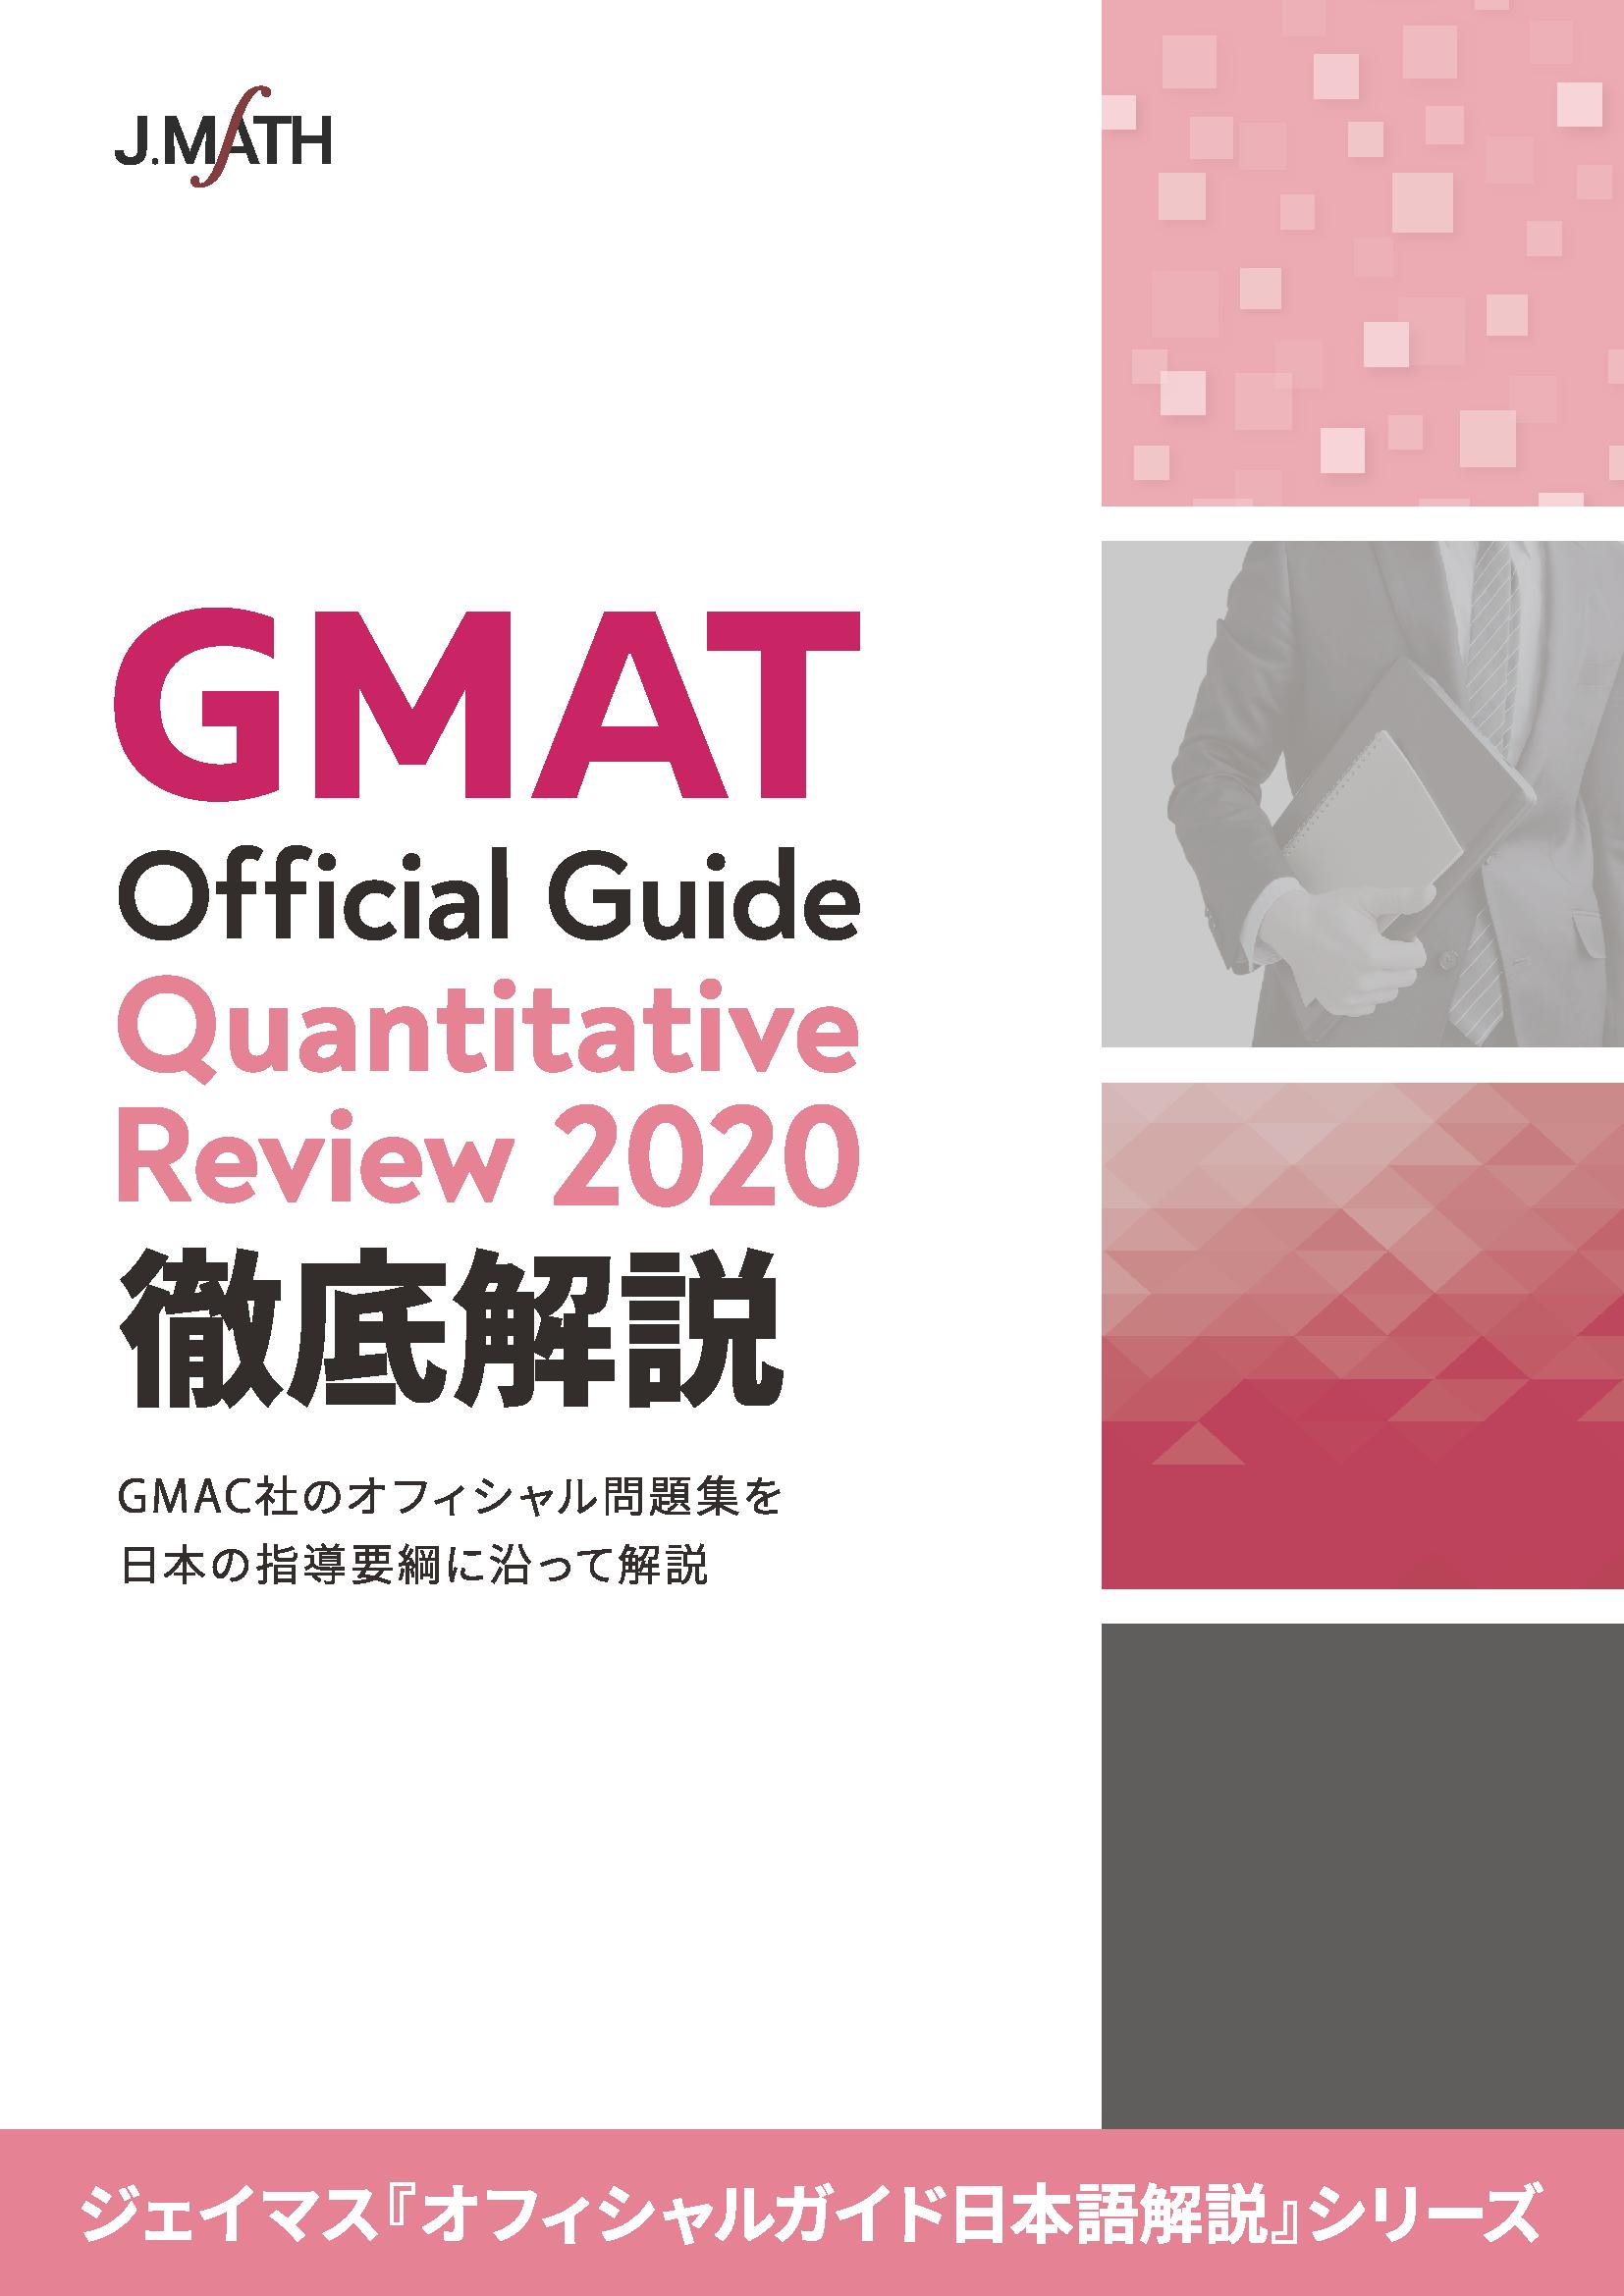 GMAT オフィシャルガイド